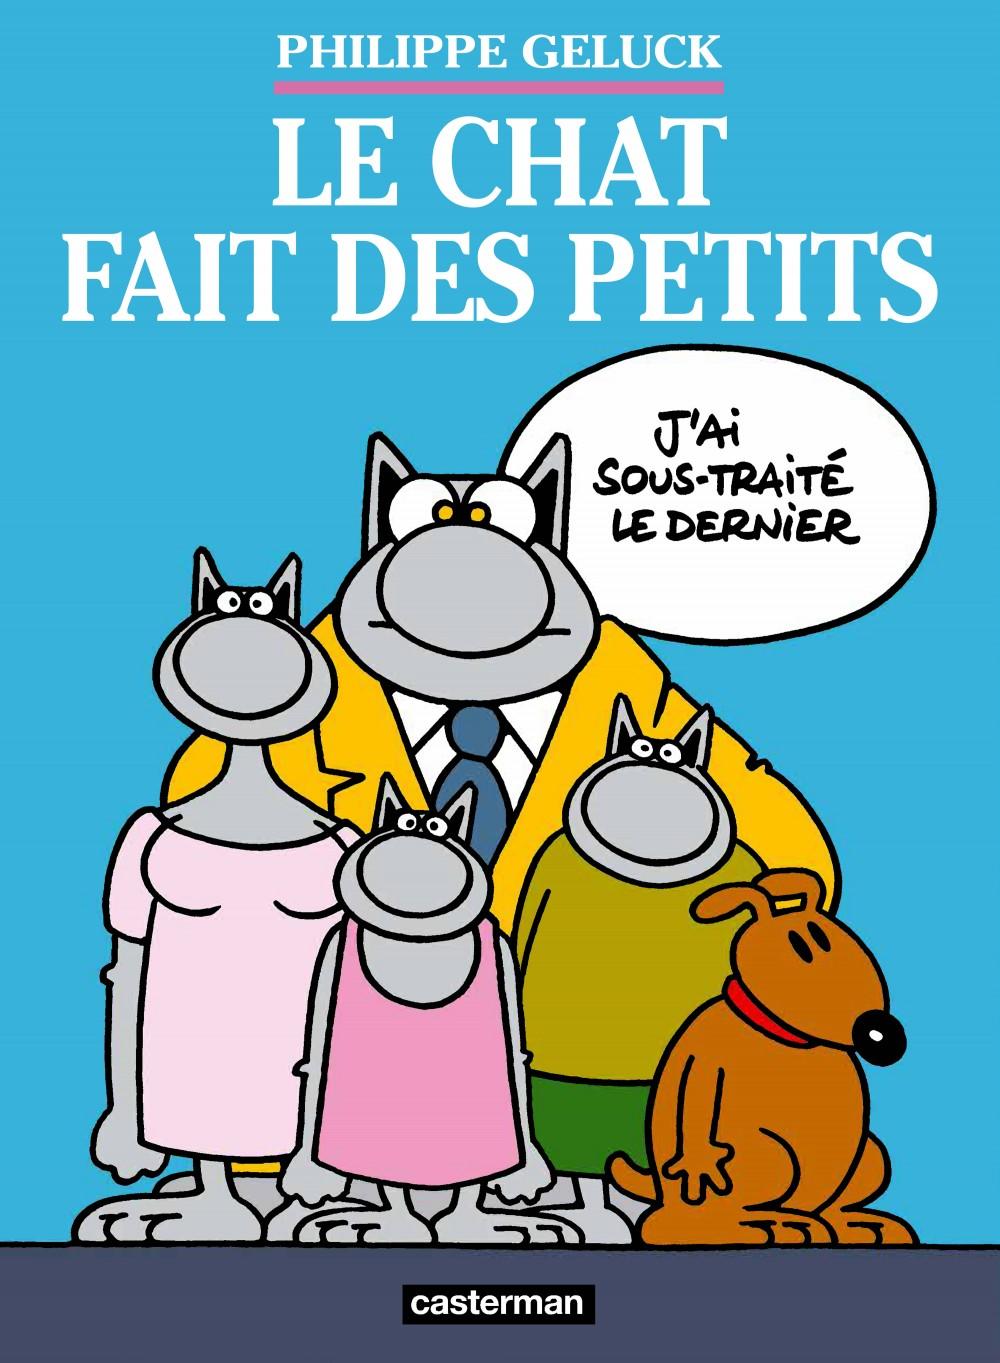 le_chat_fait_des_petits_01.jpg